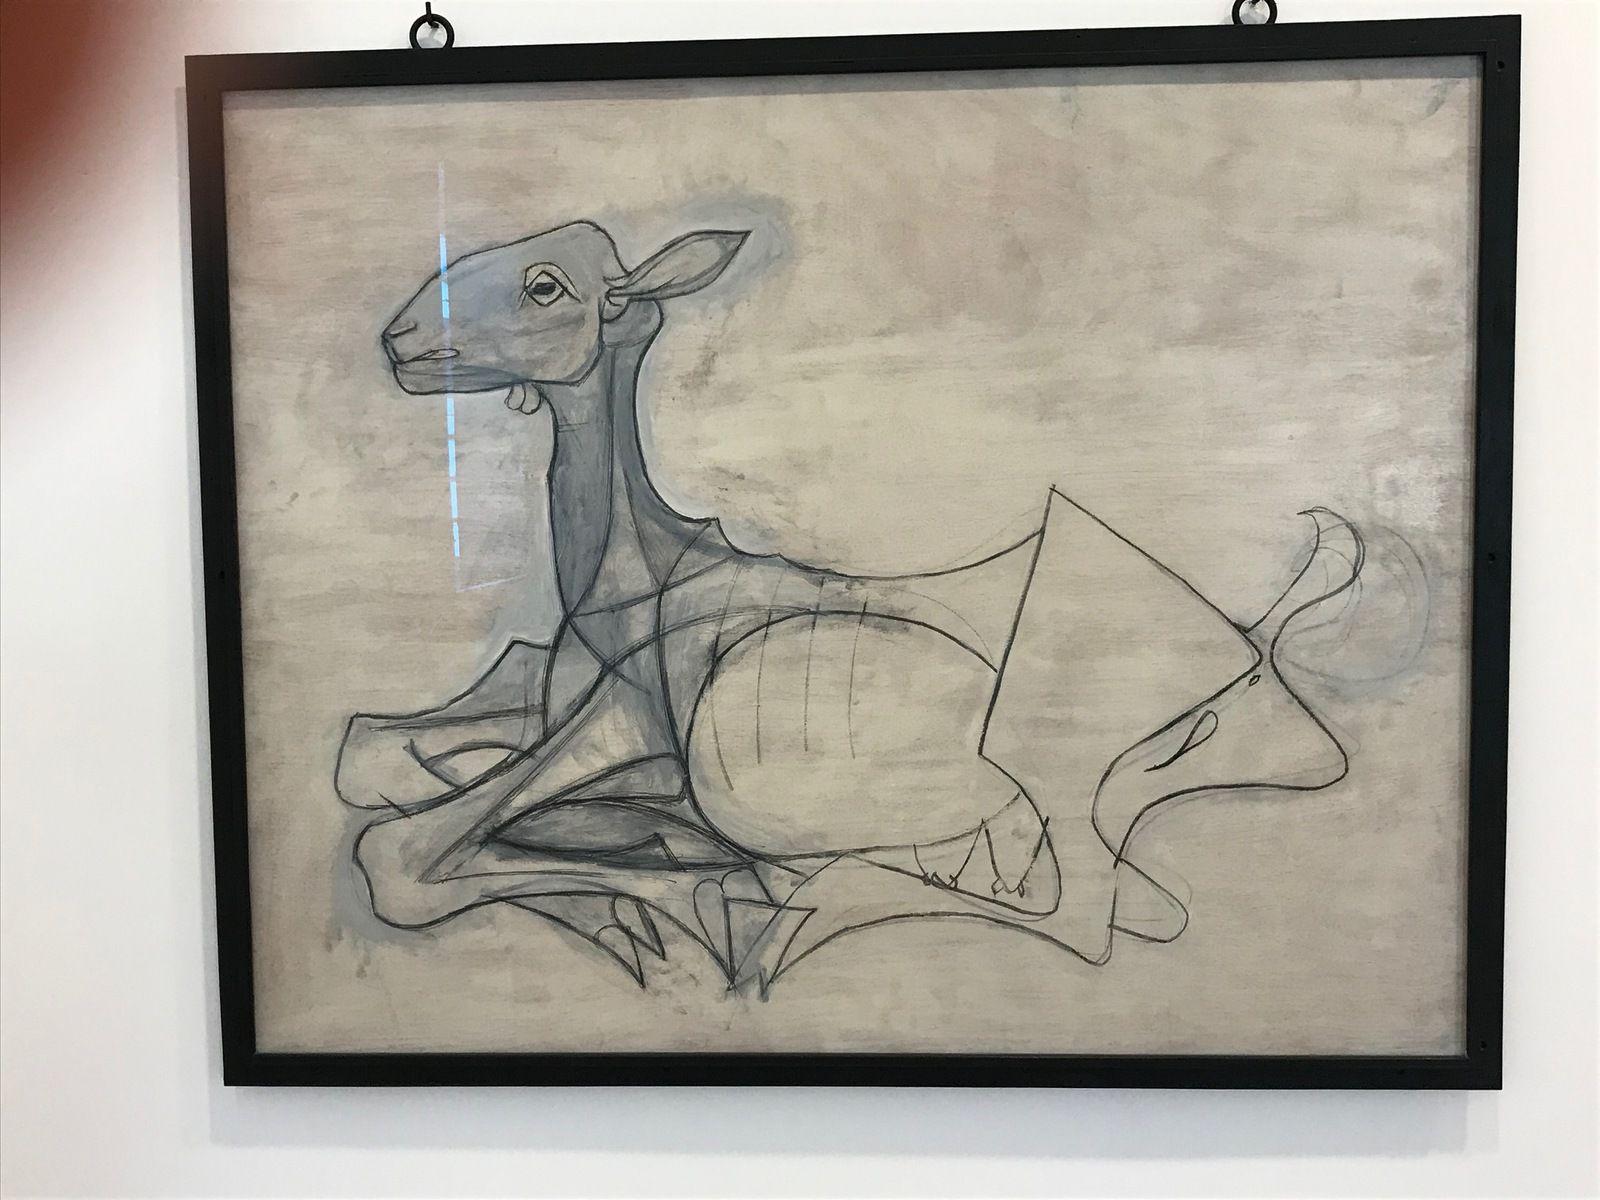 La chèvre – (1946) – Peinture oléorésineuse, fusain et graphite sur contreplaqué